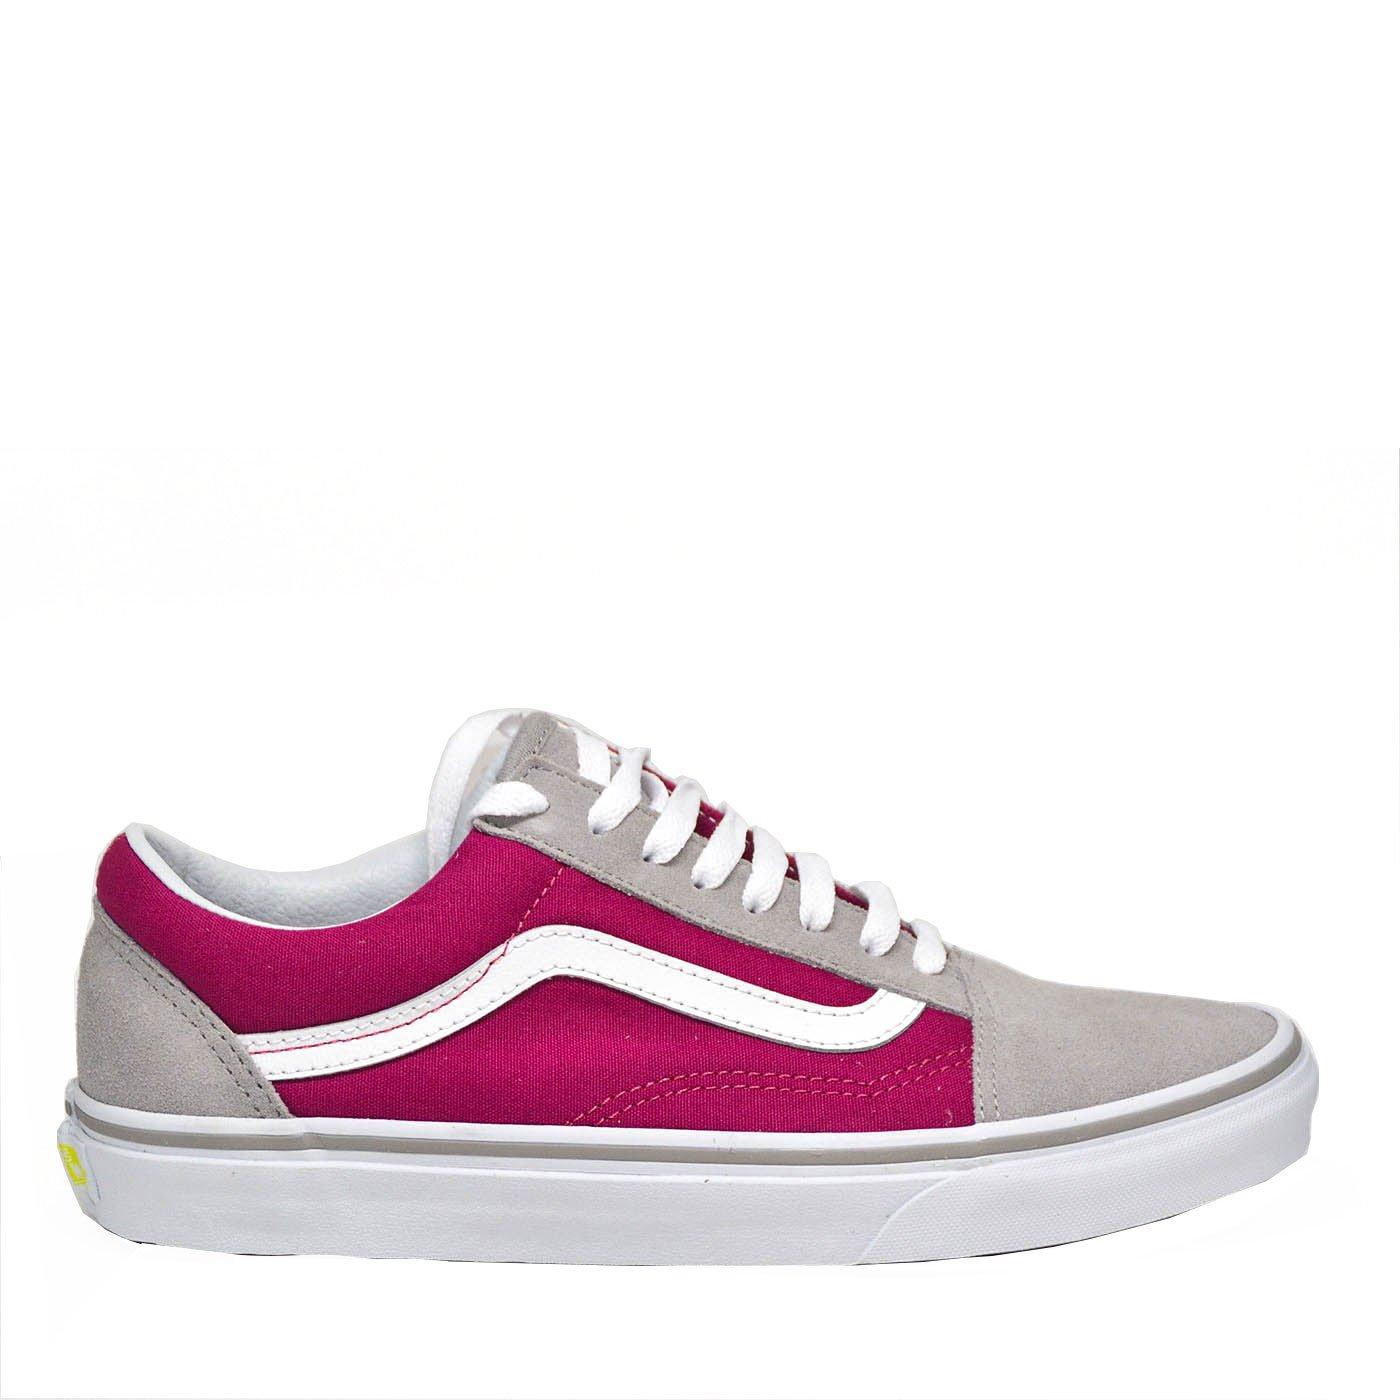 Vans Damen UA Old Skool Sneaker  9 UK|Drizzle/Sangria